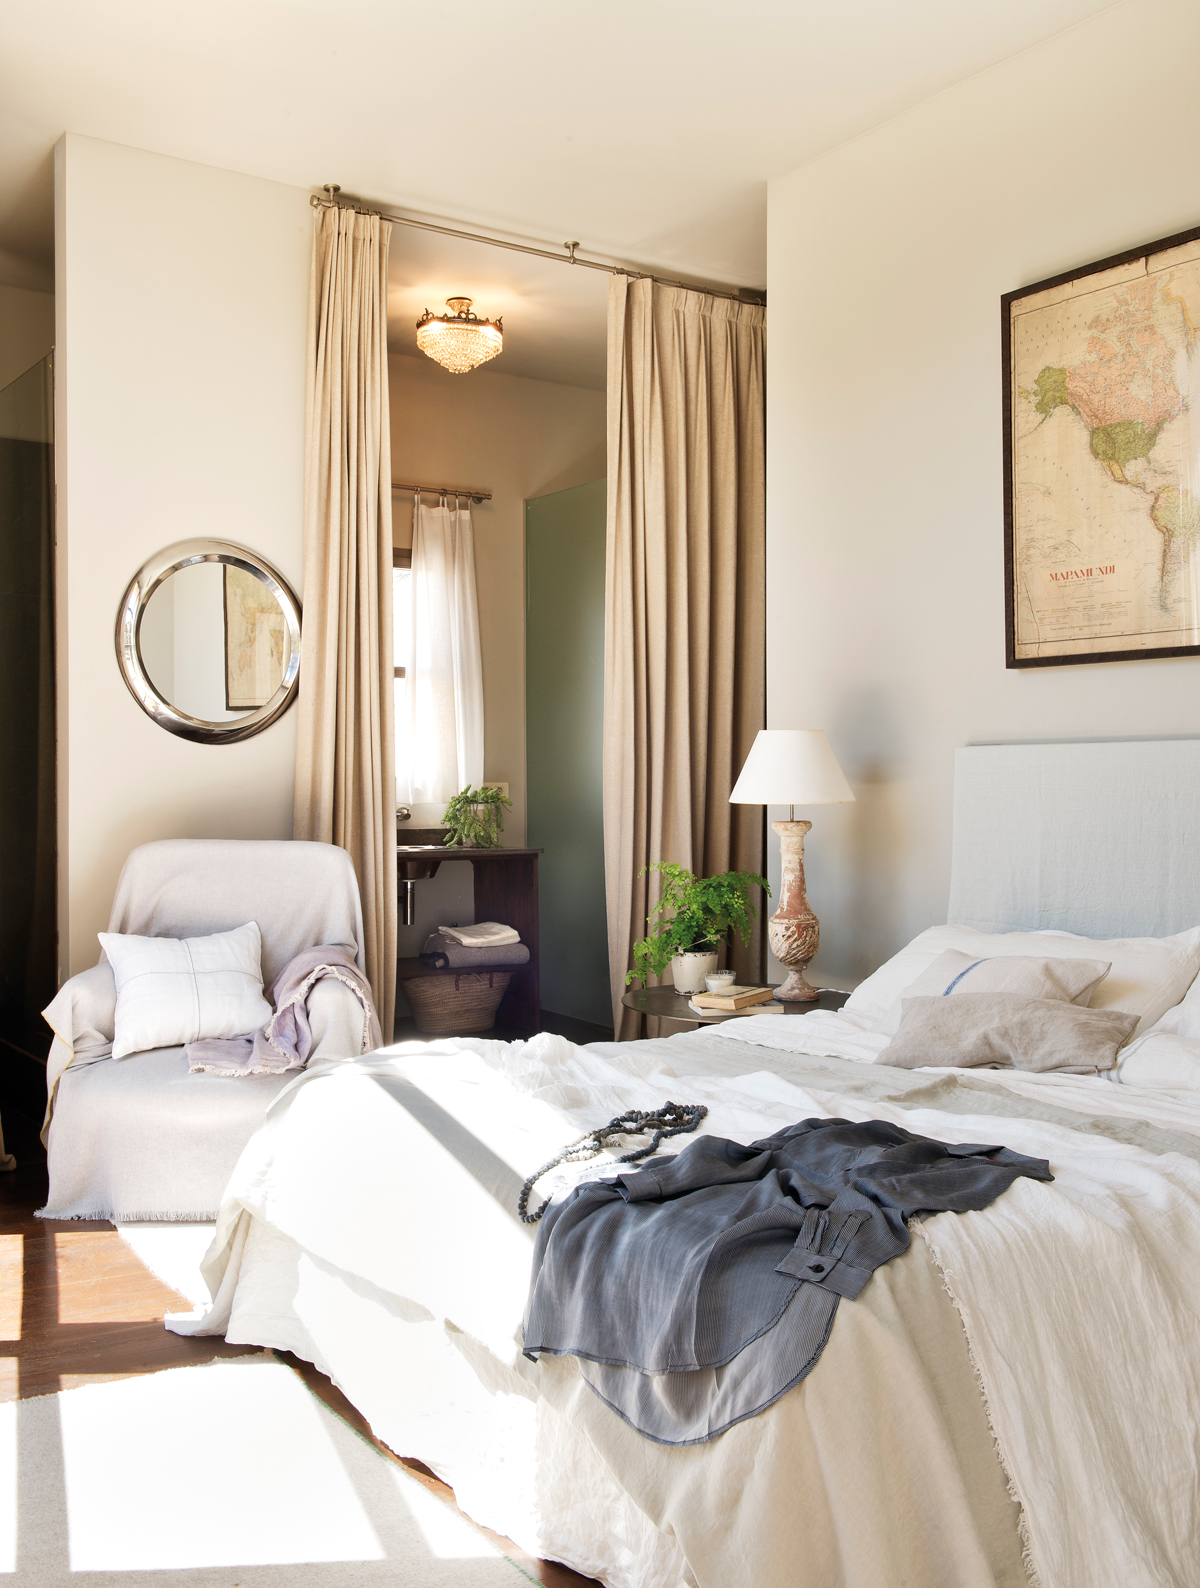 Dormitorios blancos dormitorios blancos dormitorio for Cortinas para dormitorio blanco